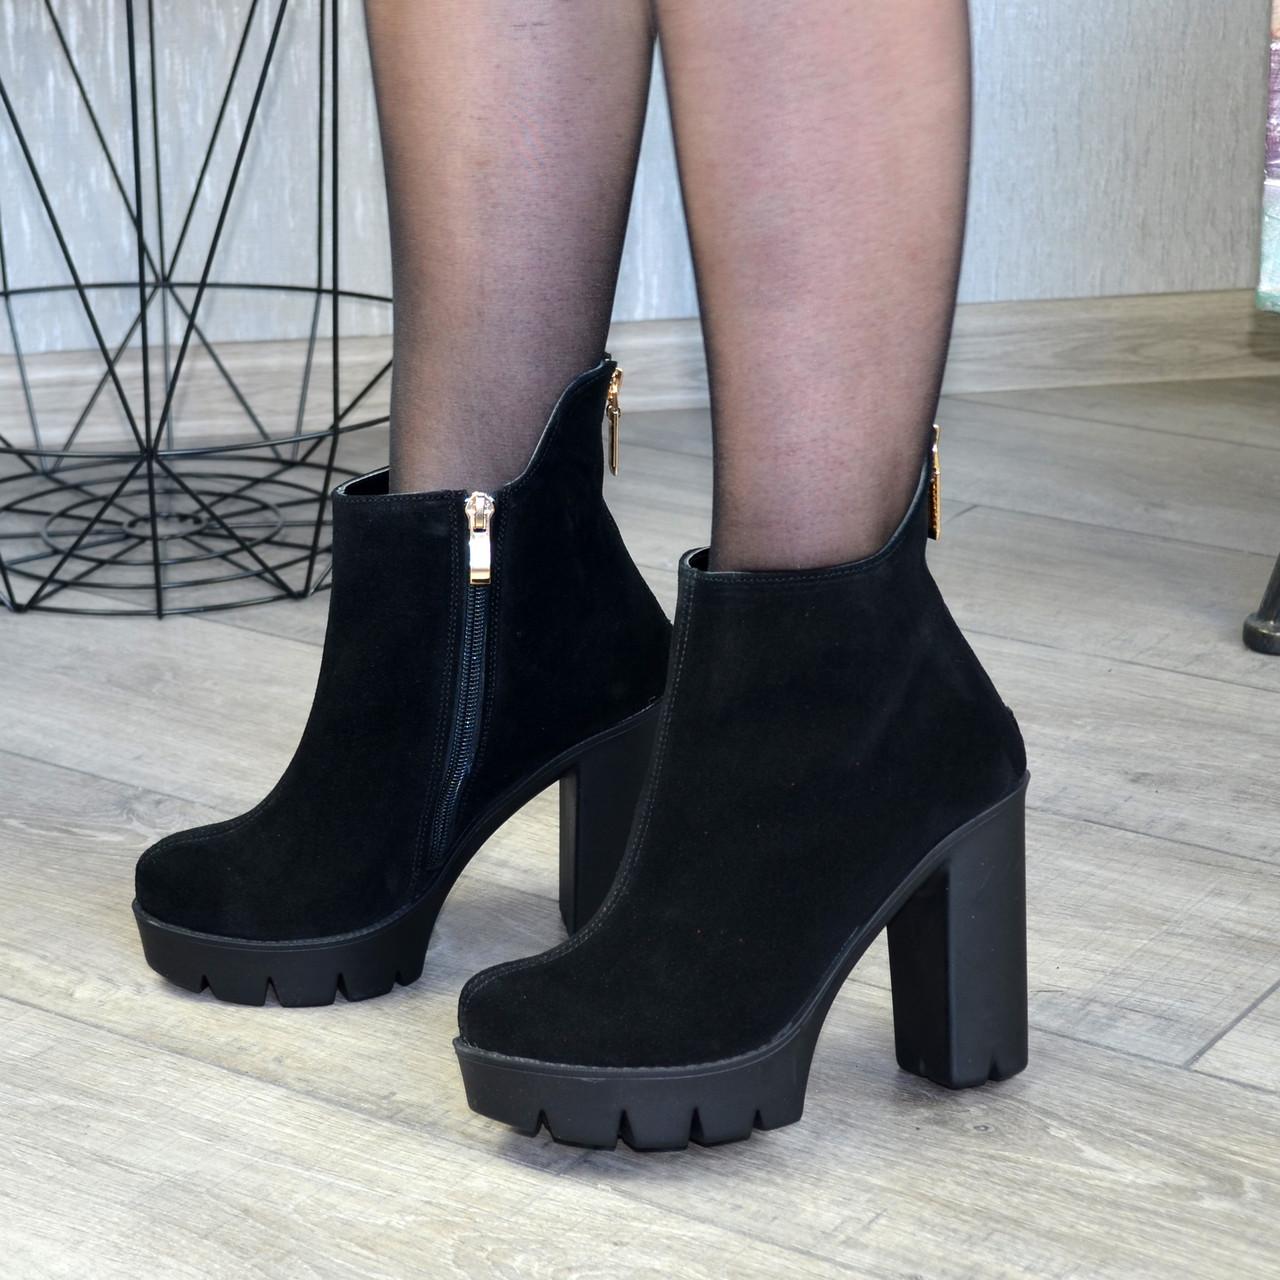 Ботинки замшевые женские демисезонные на высоком каблуке, декорированы молнией